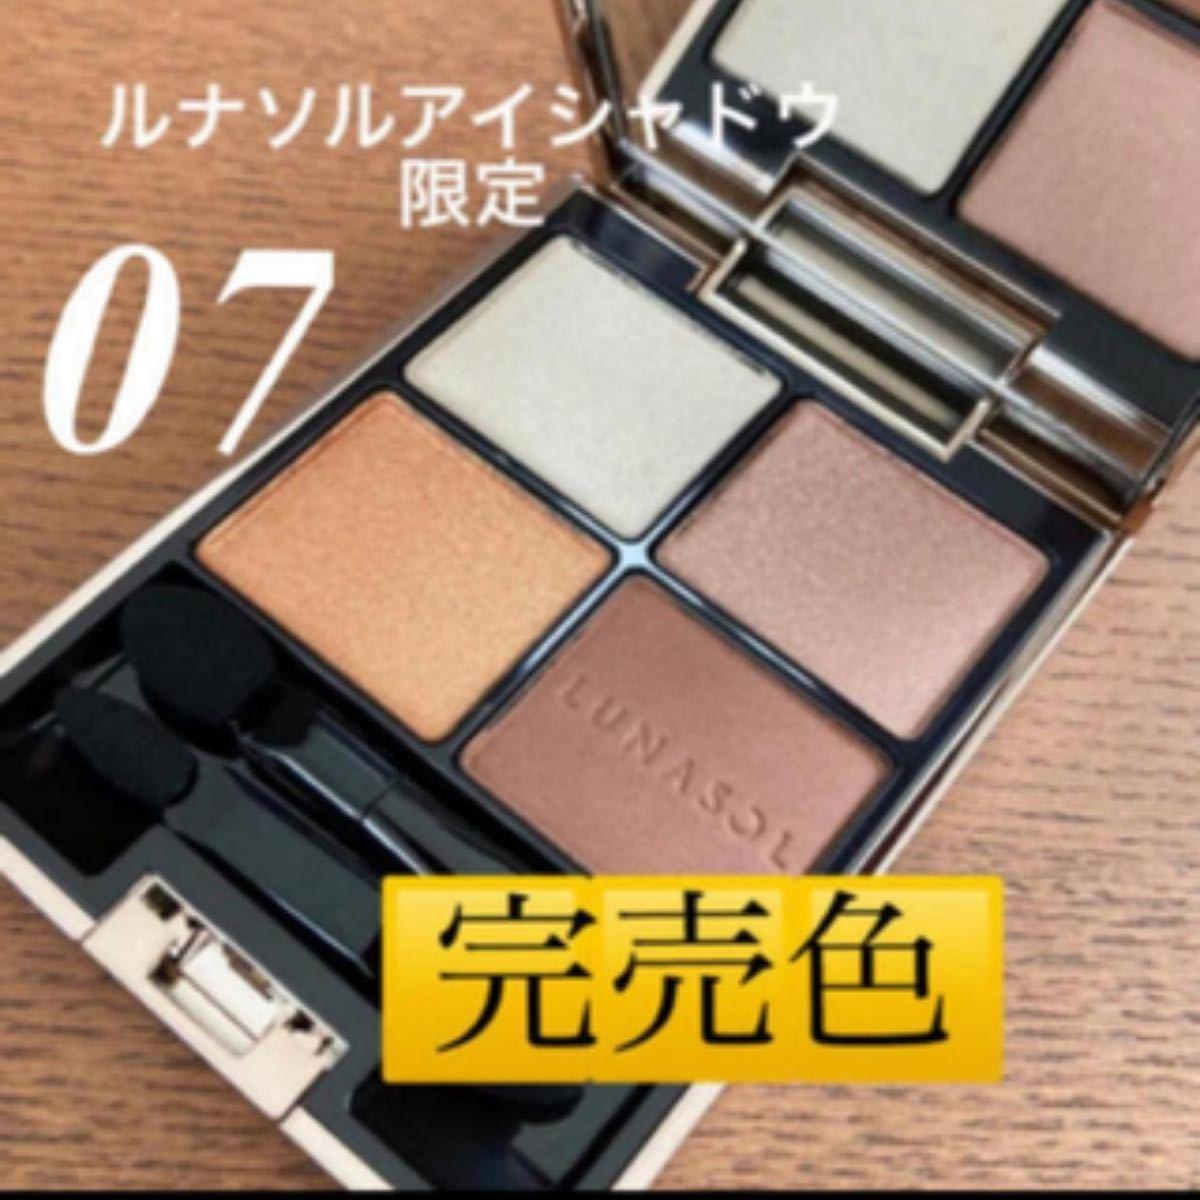 アイ カラー レーション 07 ルナソル